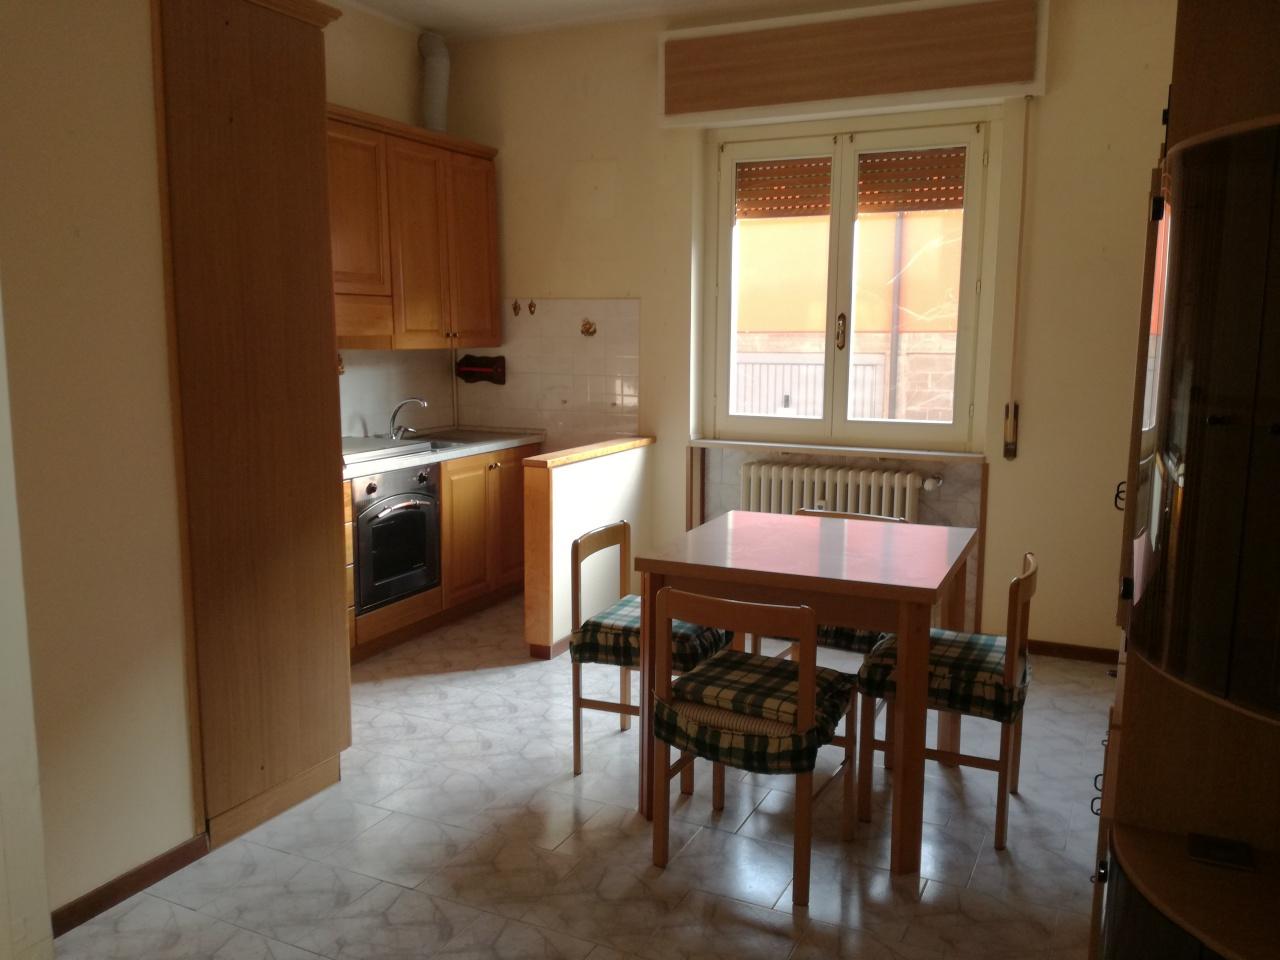 Appartamento STRADELLA 20.40